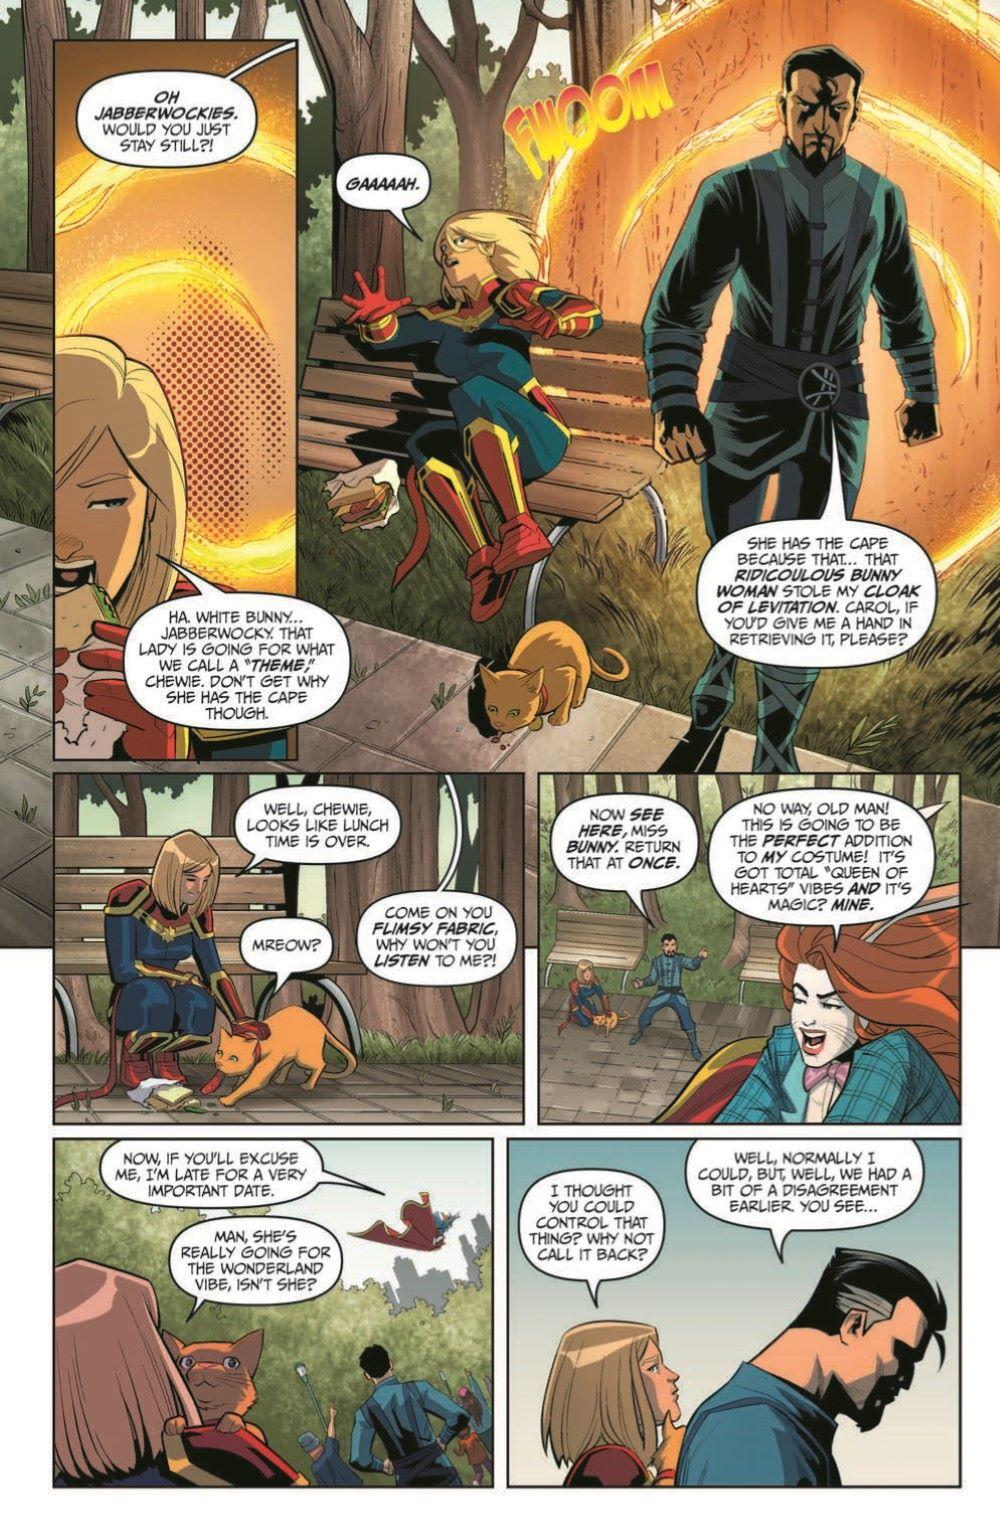 Marvel_Avengers_03_pr-5 ComicList Previews: MARVEL ACTION AVENGERS VOLUME 2 #3